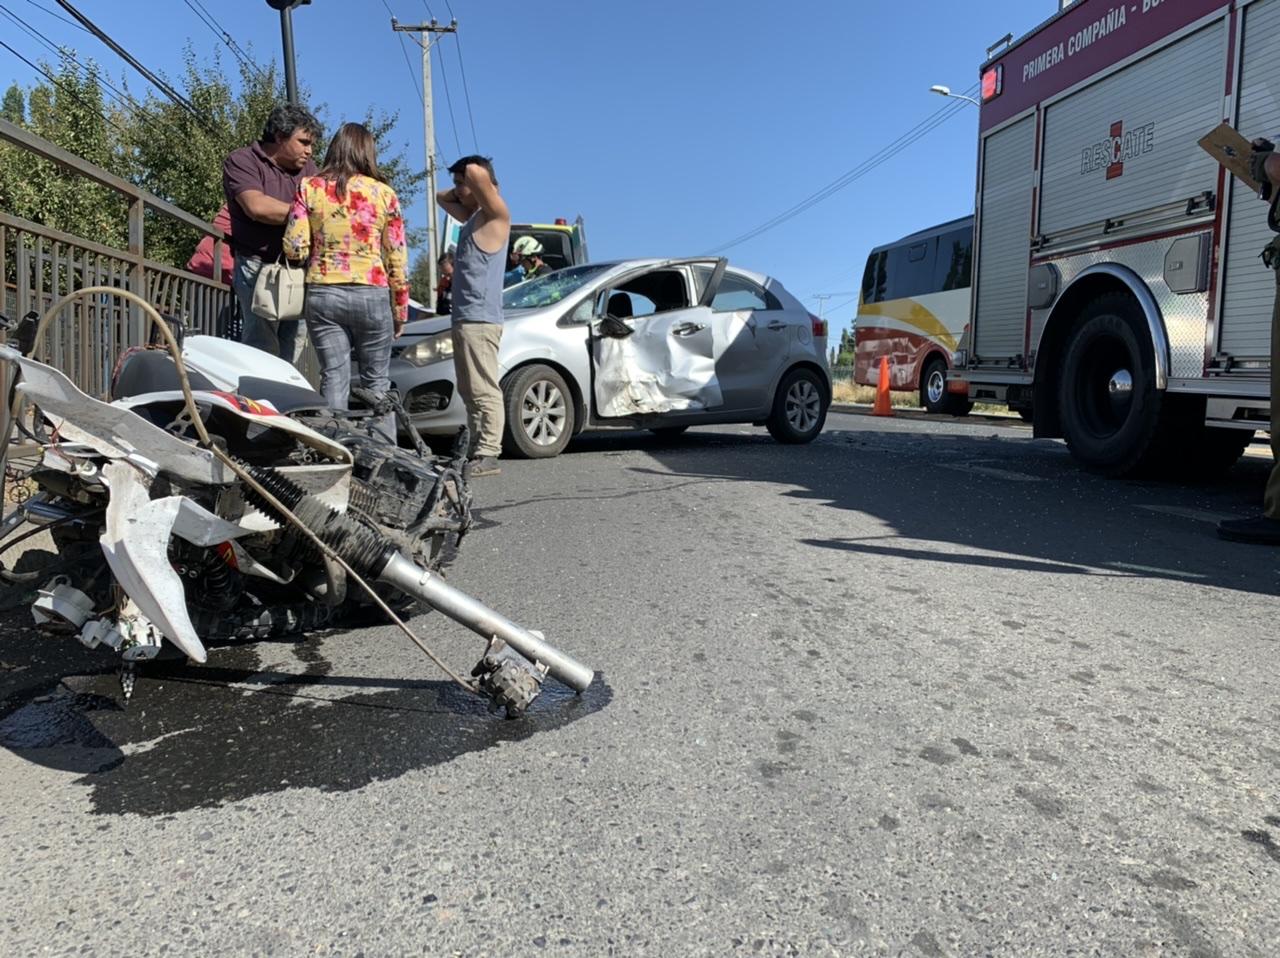 Mujer muere tras colisión de auto con moto en Los Ángeles